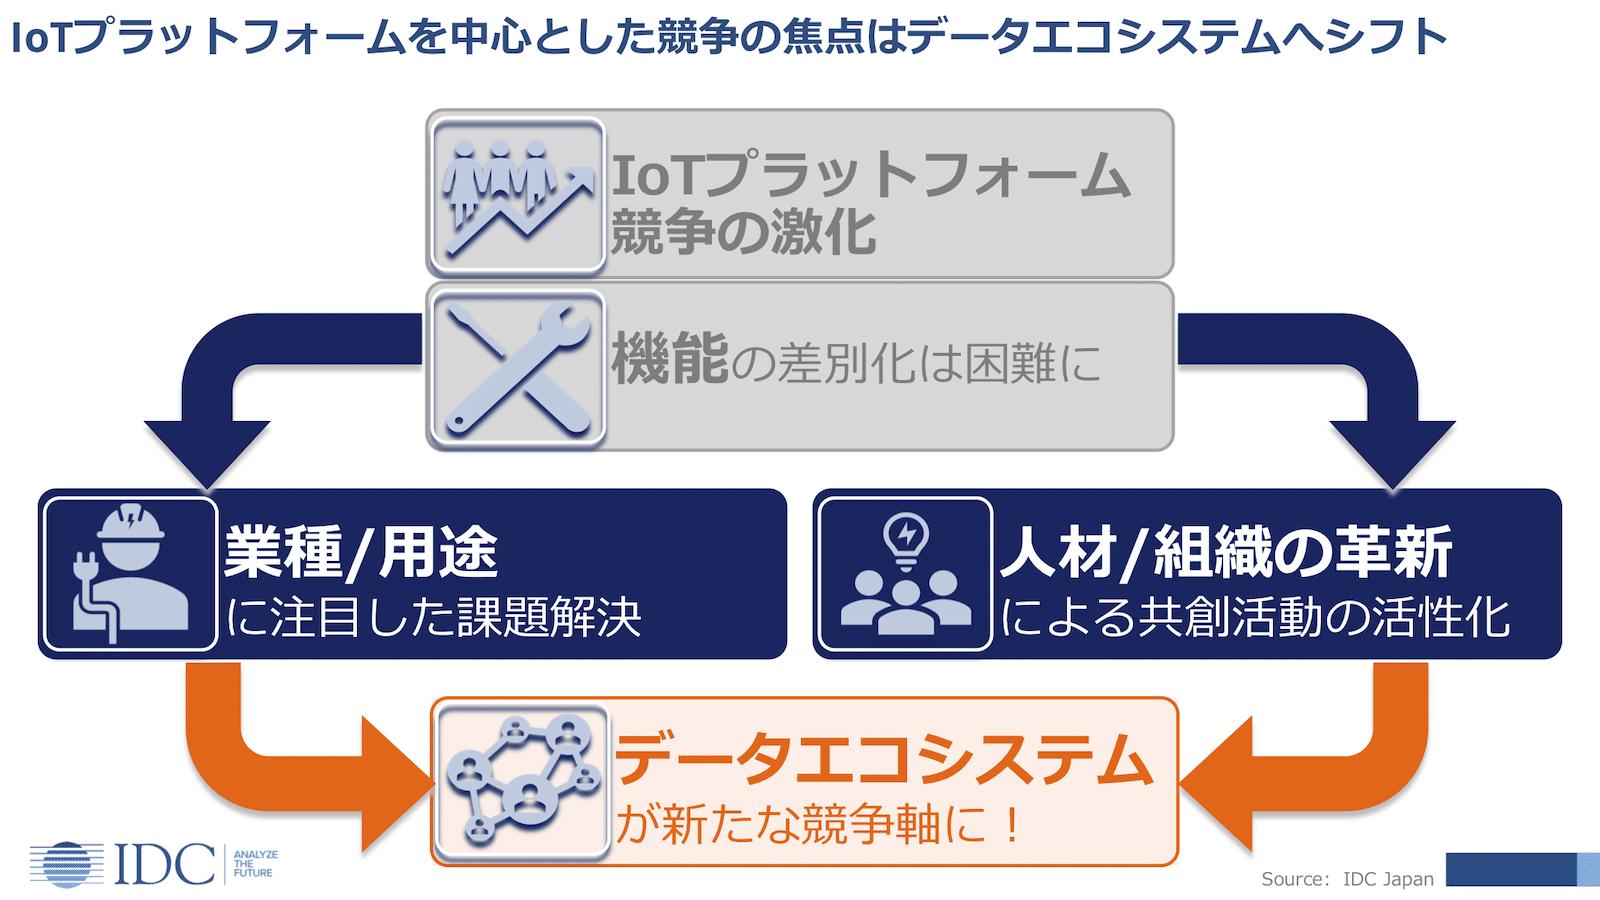 IoT市場の競争軸は、プラットフォームからデータエコシステムへとシフトしていく(出典:IDC Japan)